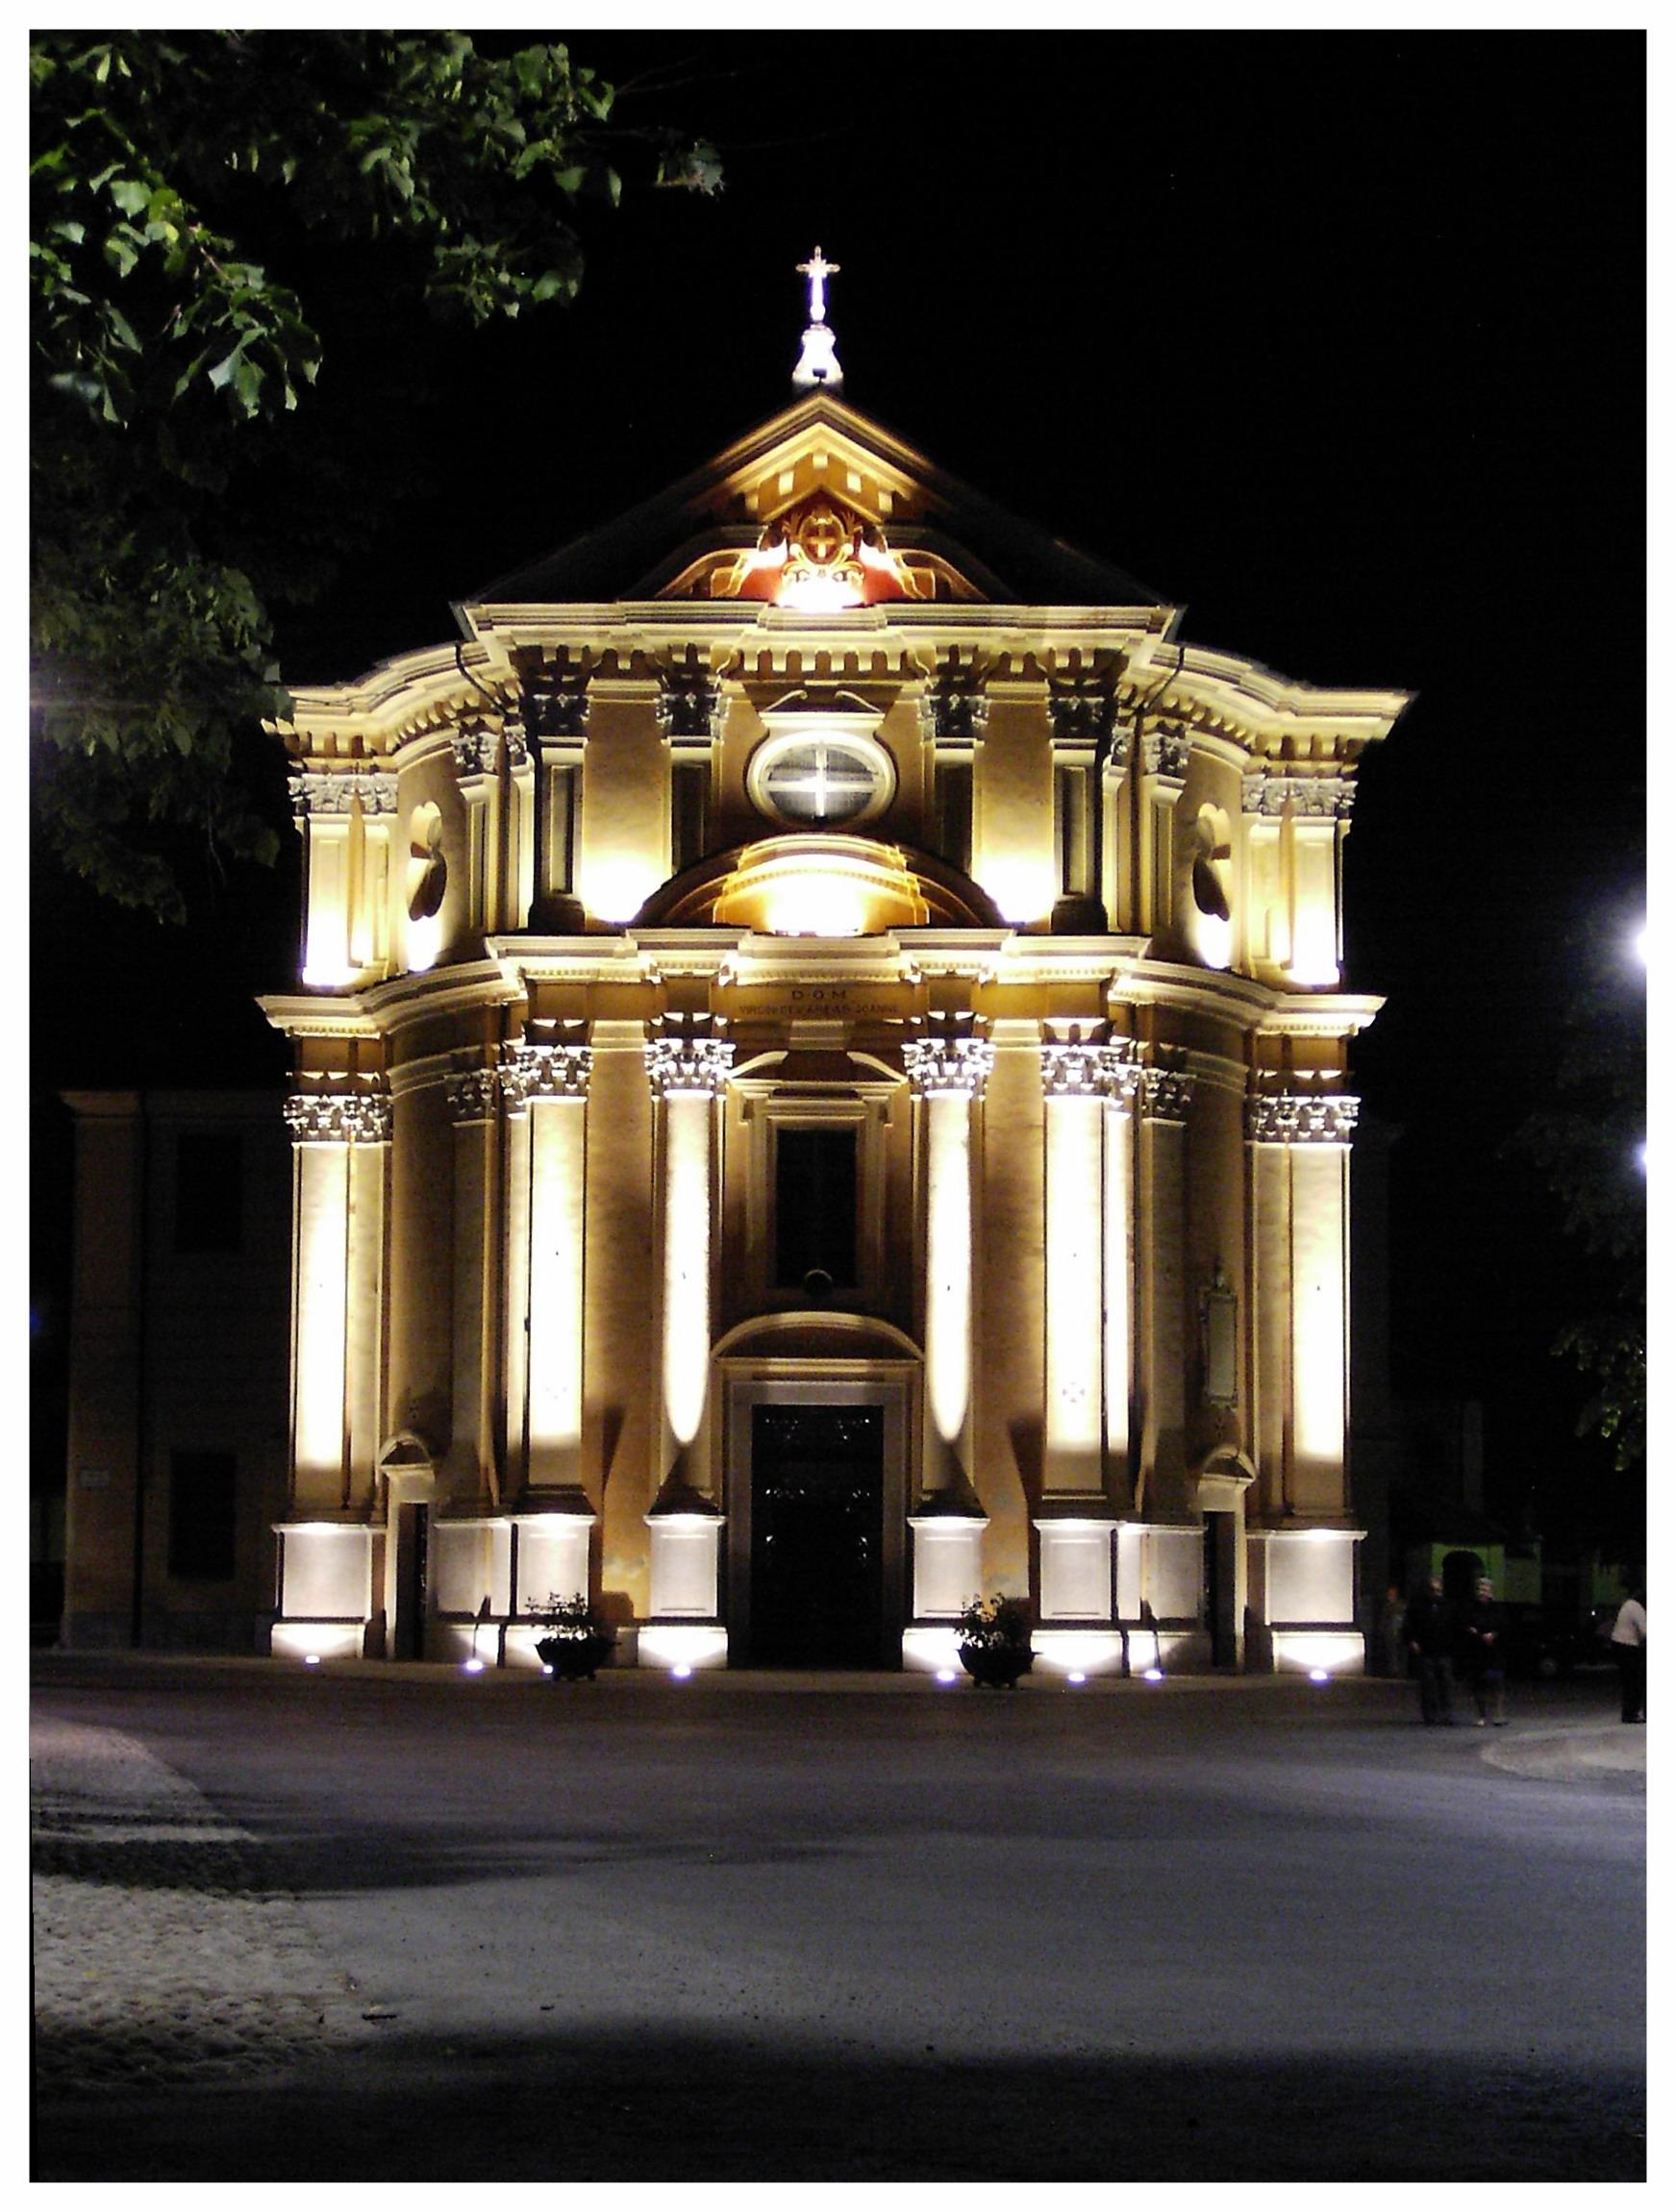 Santuario_Sommariva_del_Bosco_notturna.jpg